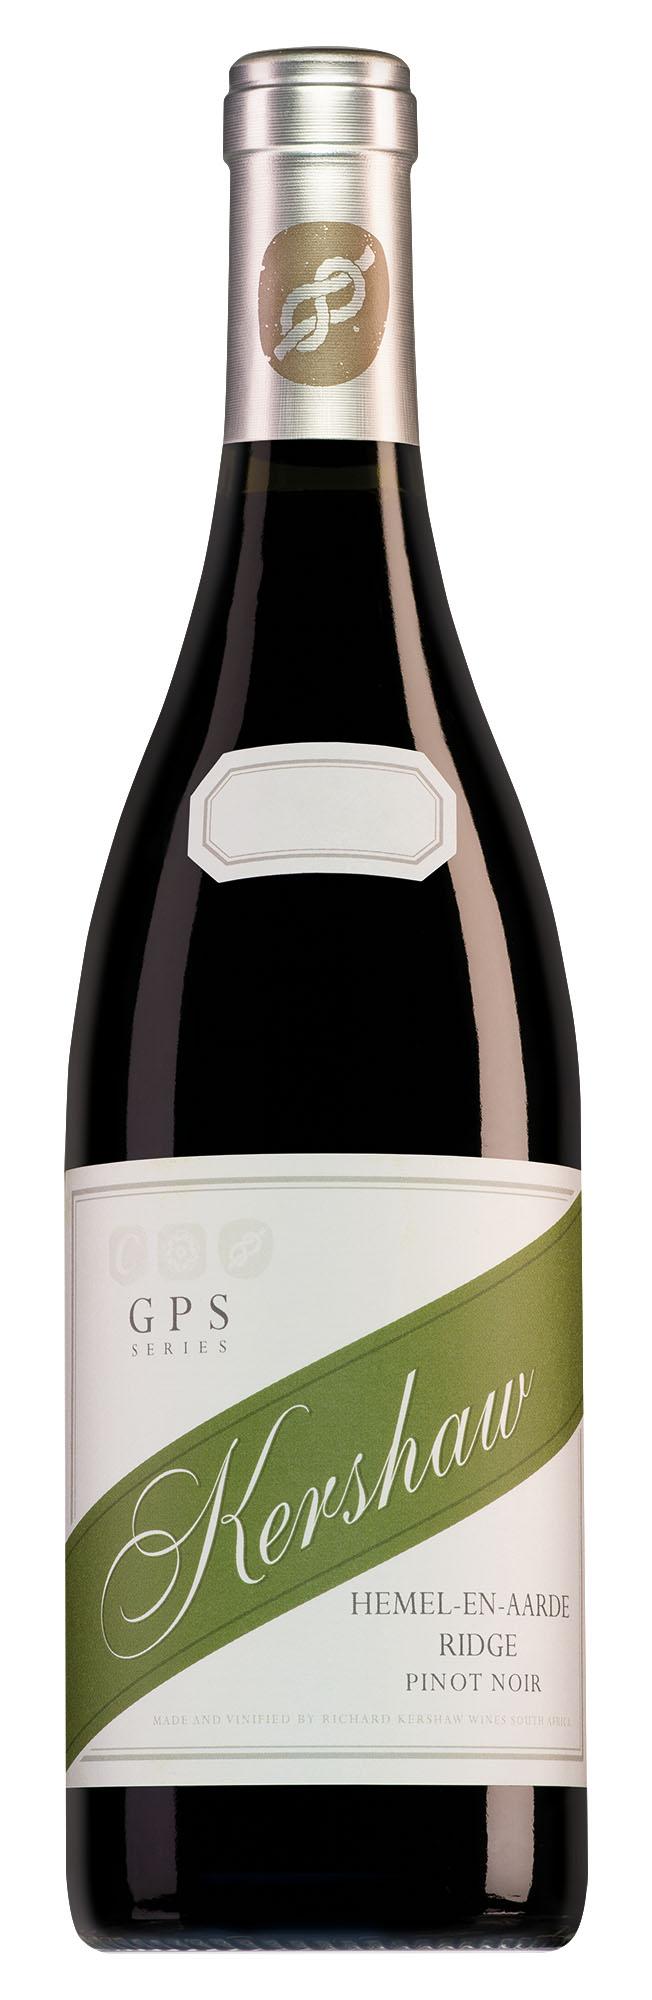 Kershaw Wines Hemel-en-Aarde Ridge GPS Pinot Noir 2019